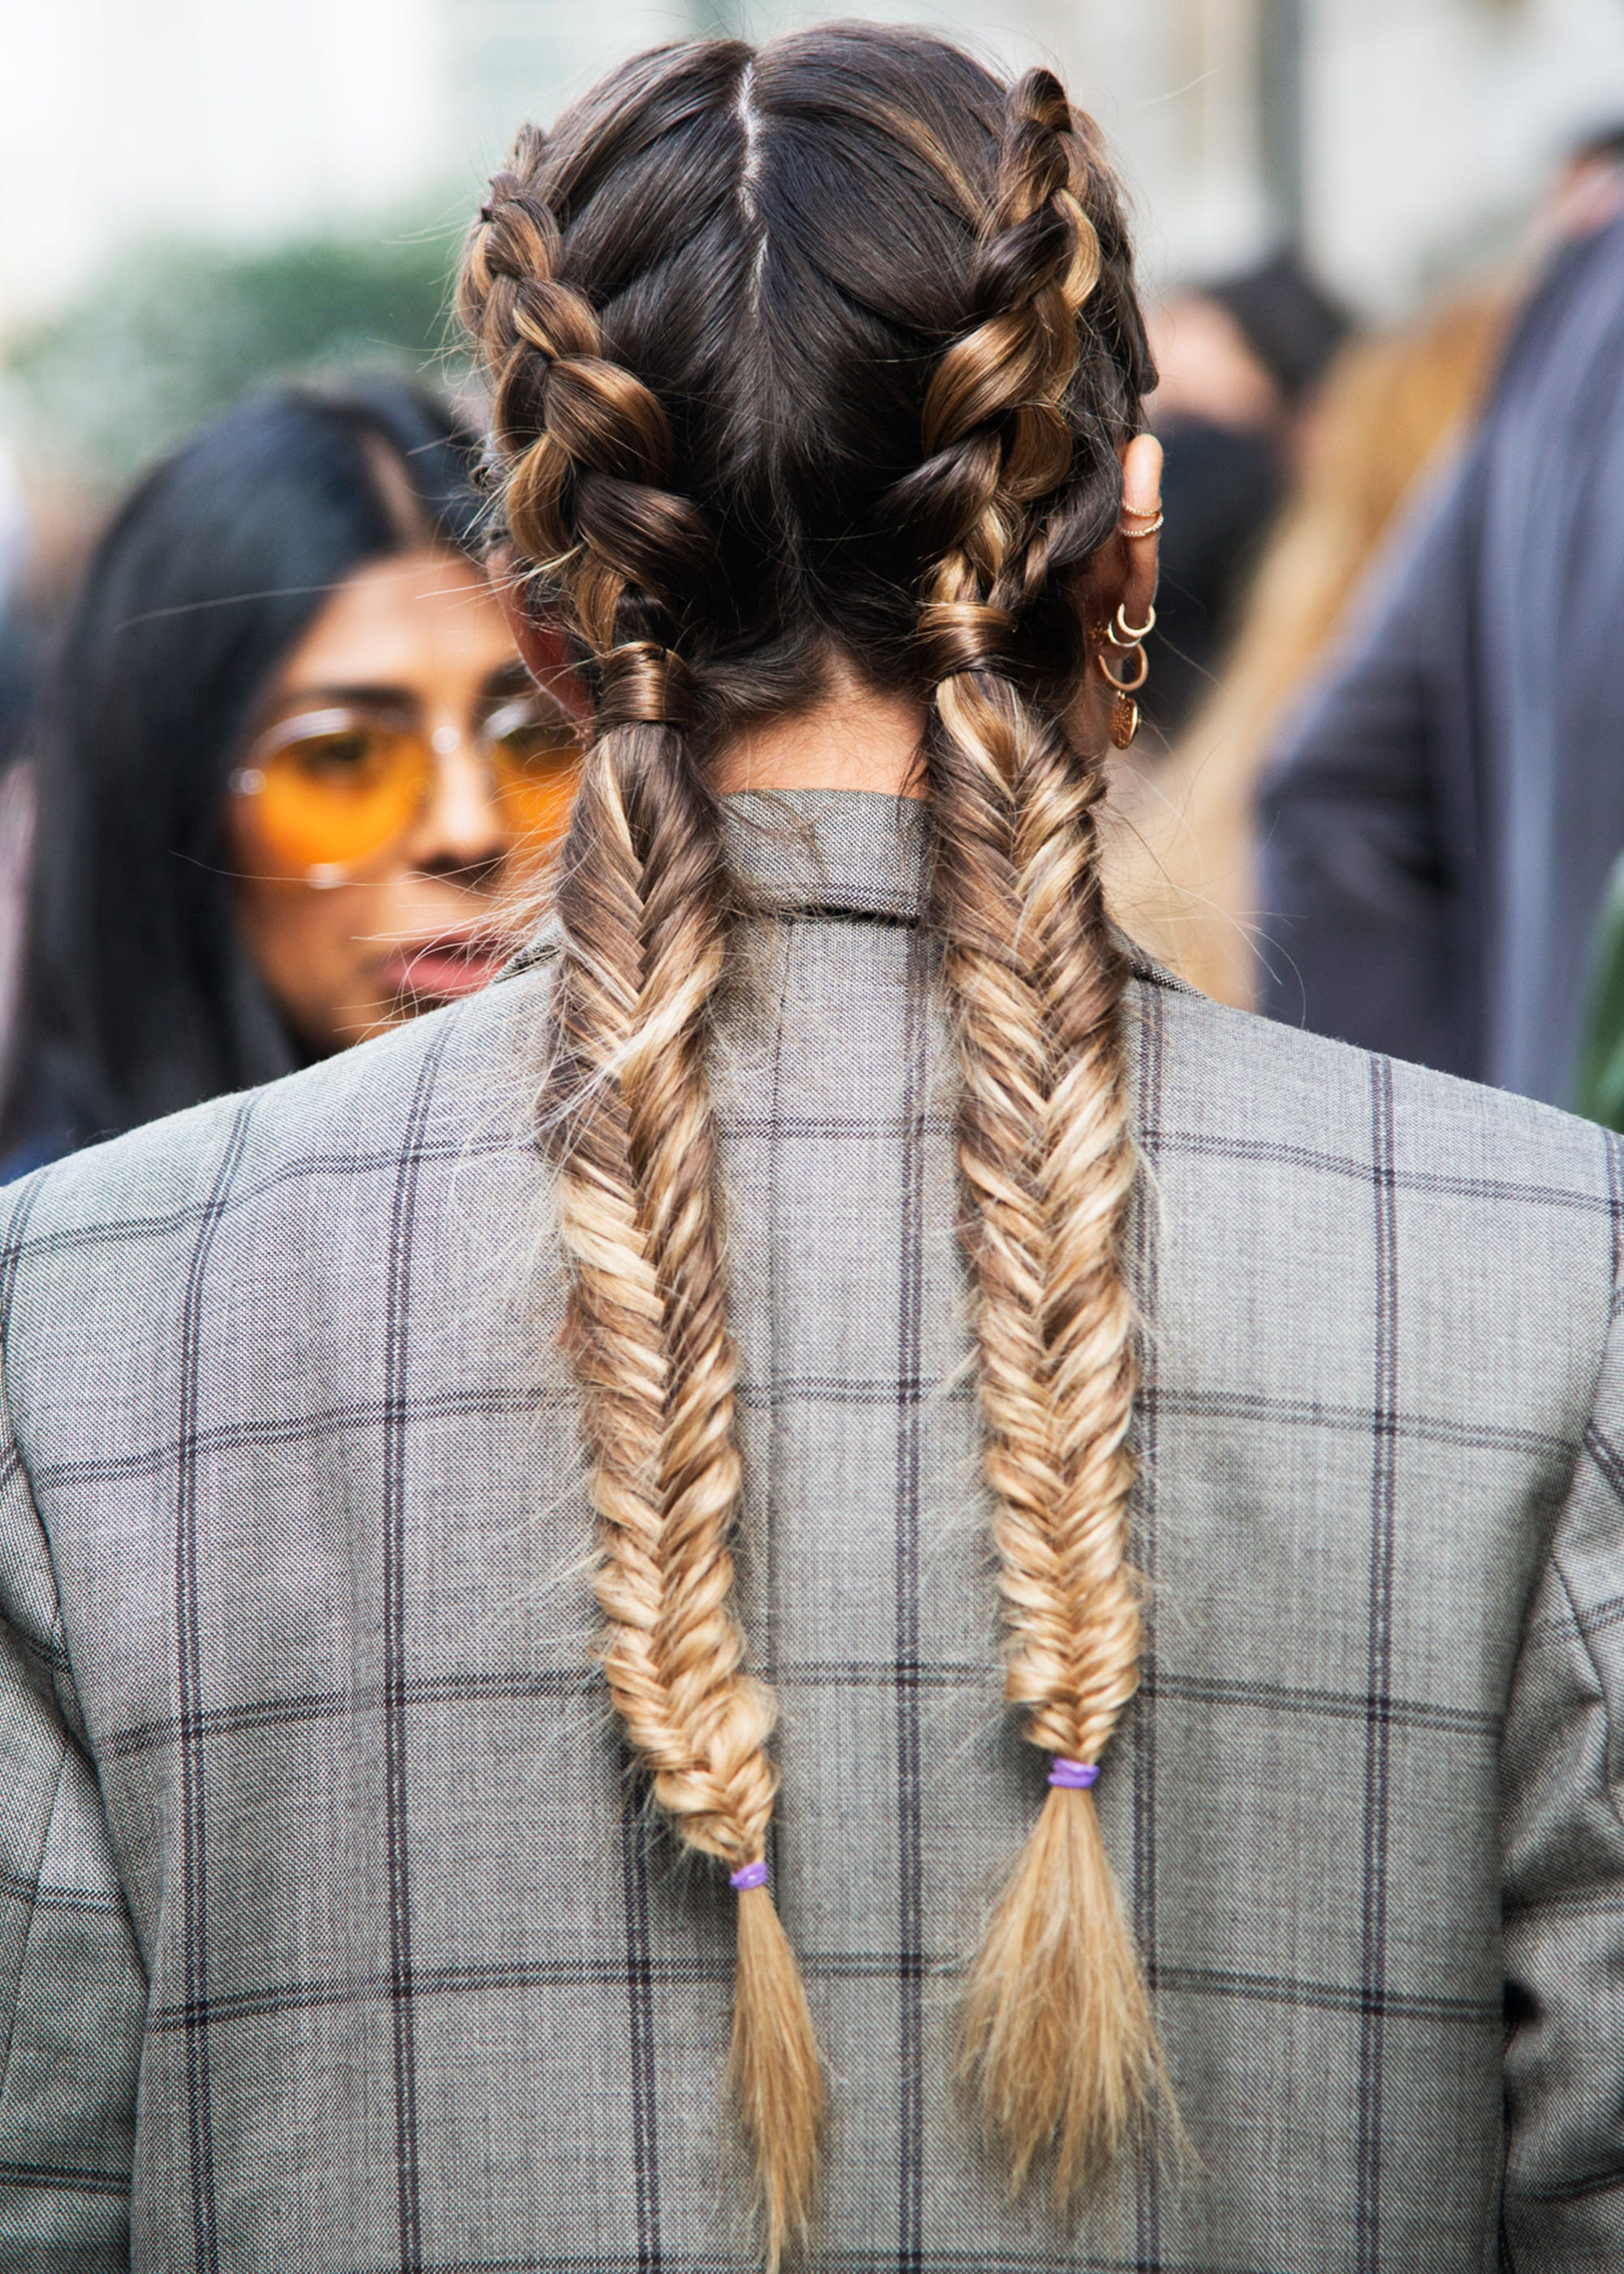 braids - how to braid hair - braided hairstyles